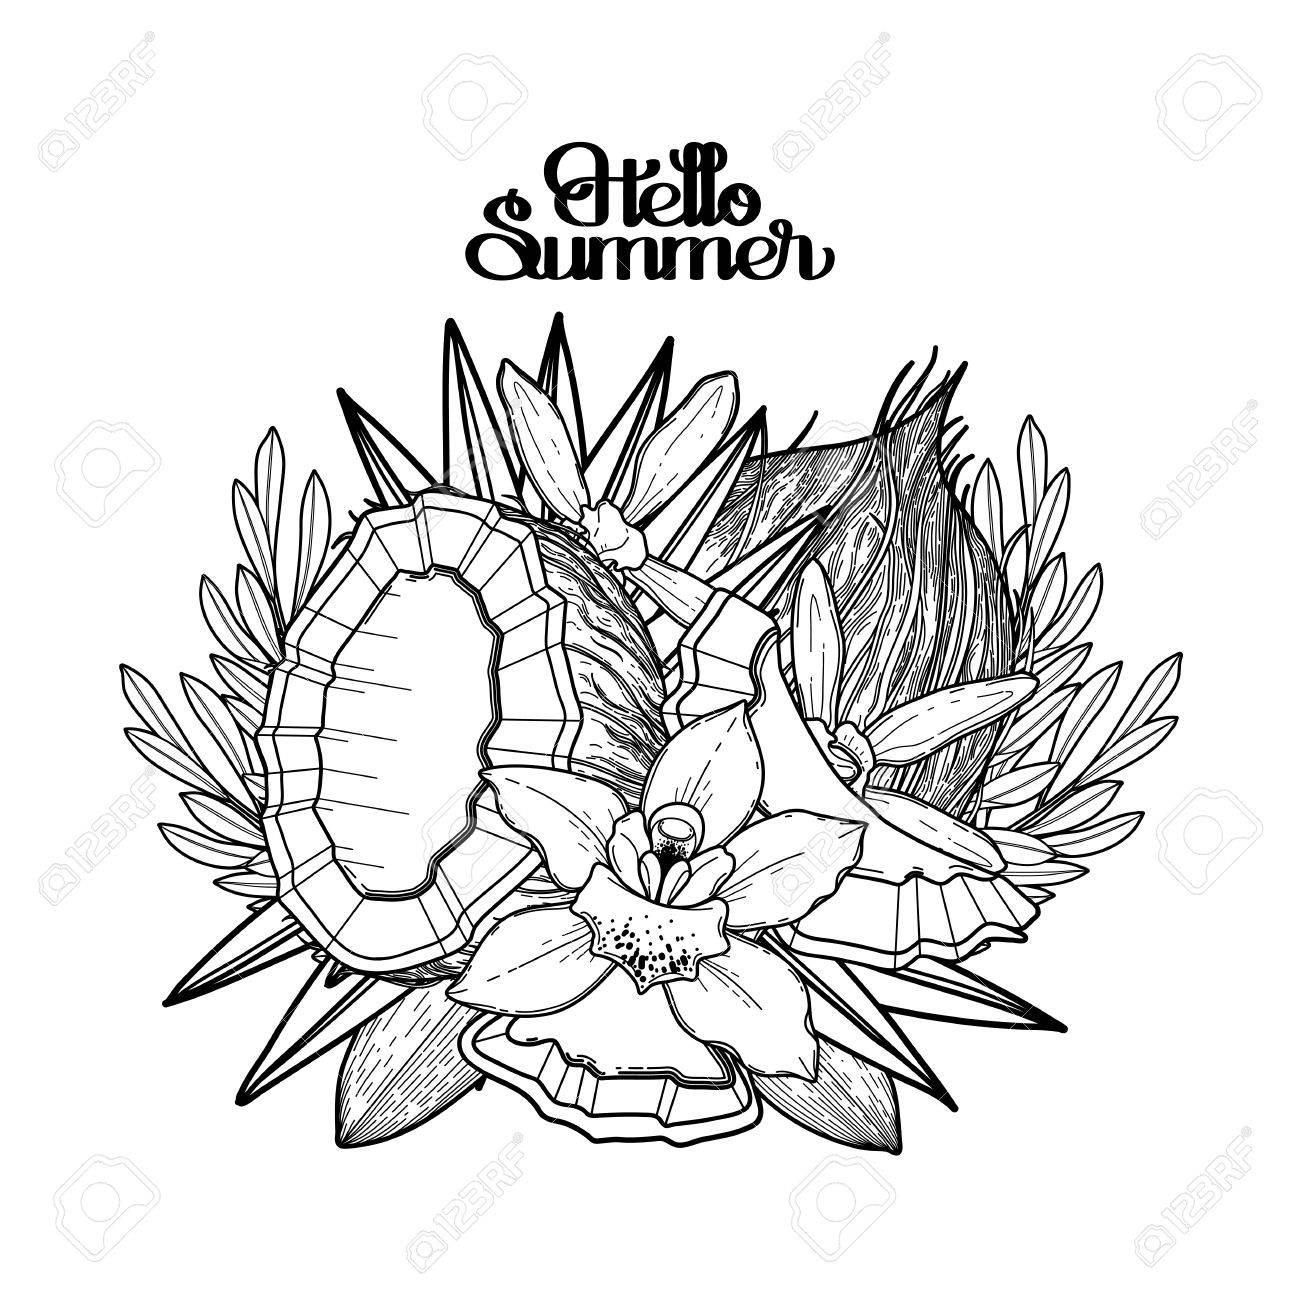 Flores De Vainilla Y Coco Gráficos Floral Vignettevector Decoraciones Naturales Aislados Sobre Fondo Blanco Diseño De Páginas De Libro Para